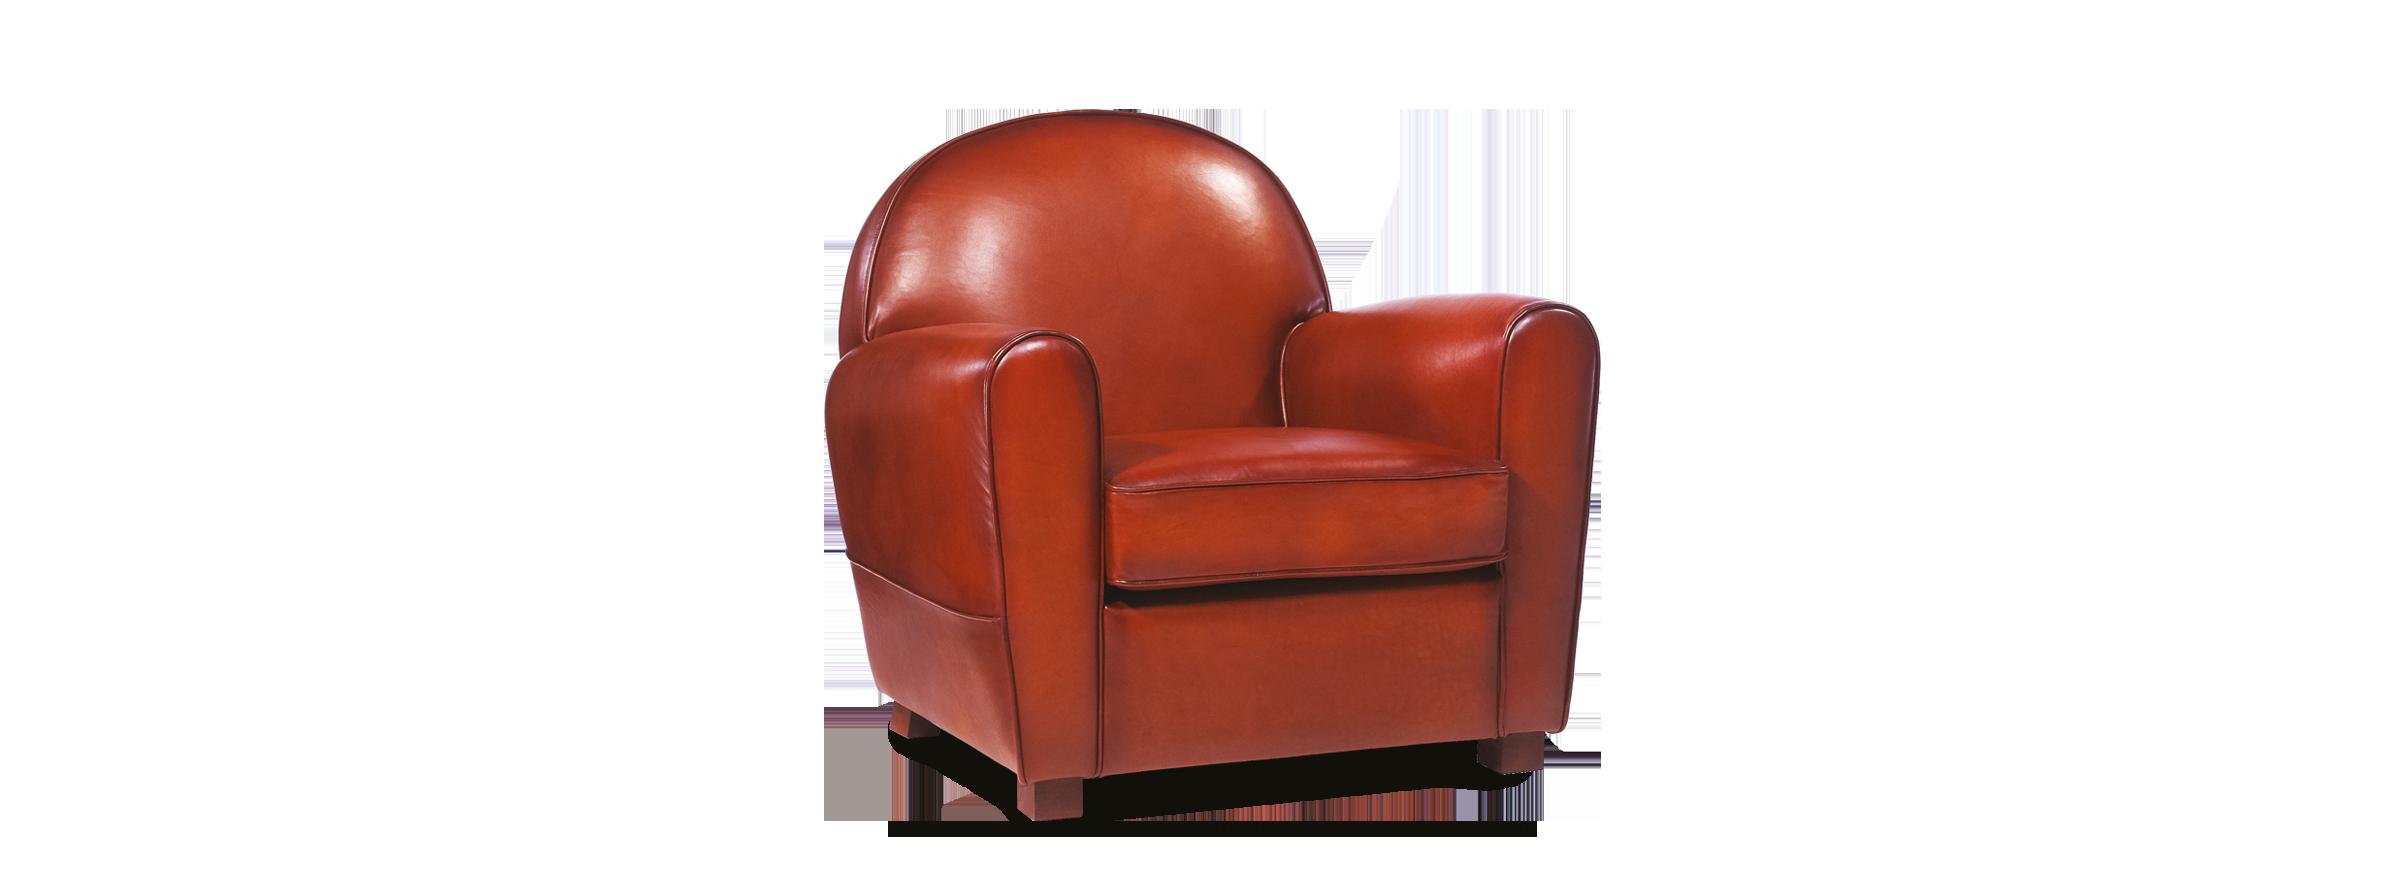 Neology-CLAYTON-fauteuil-cuir-pleine-fleur-convertible-made-in-france-petit-encombrement-sur-mesure